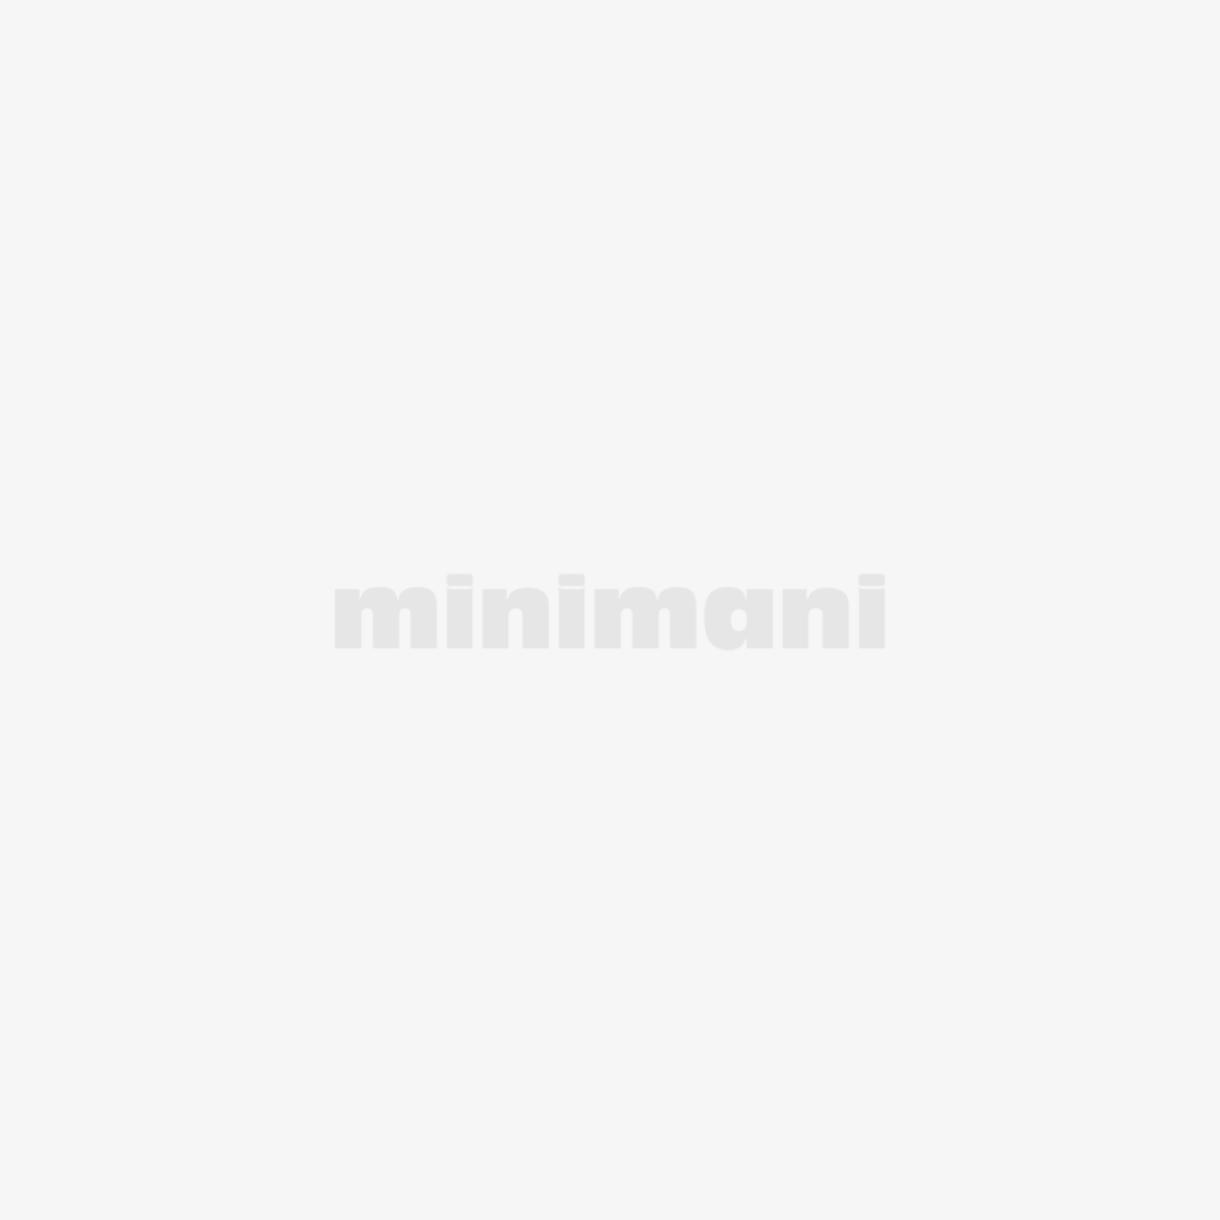 MOCCAMASTER VARAKANNU MALLEIHIN  CD,GCS,KBG,KBGC MUSTA